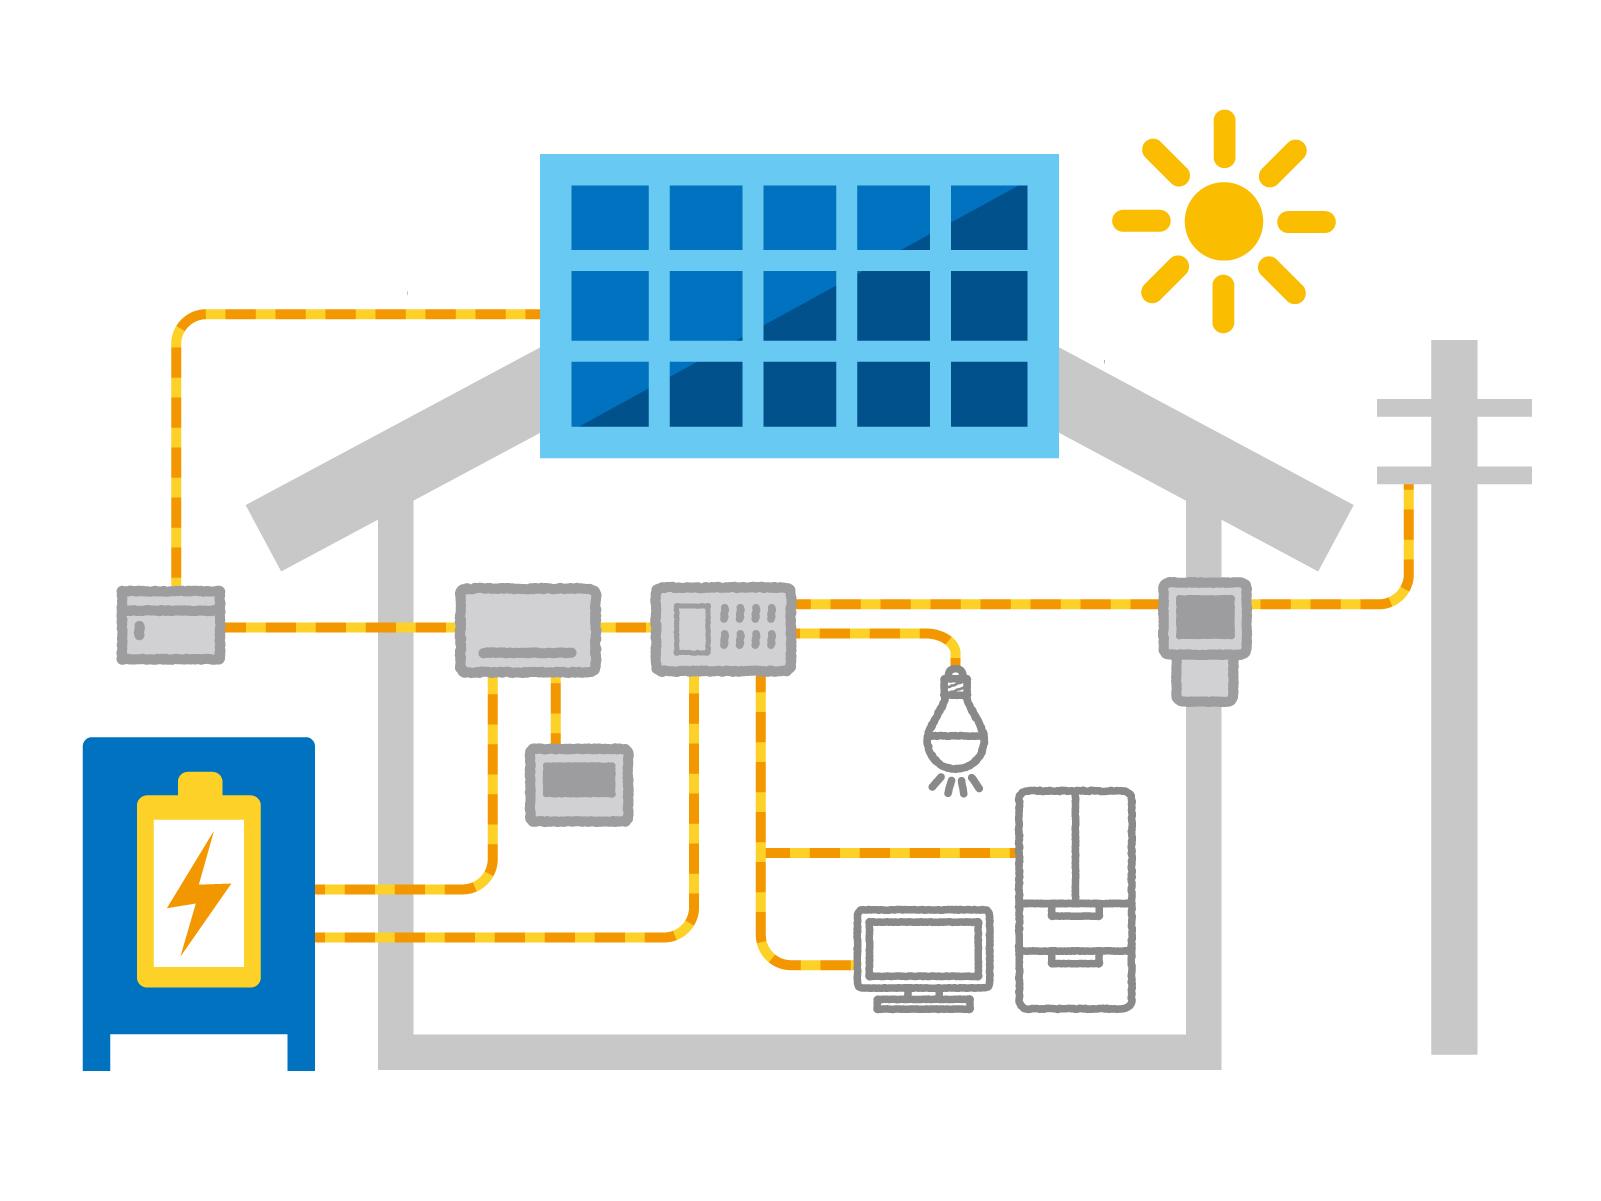 太陽光発電と蓄電池があれば、いざというときに家庭で使える